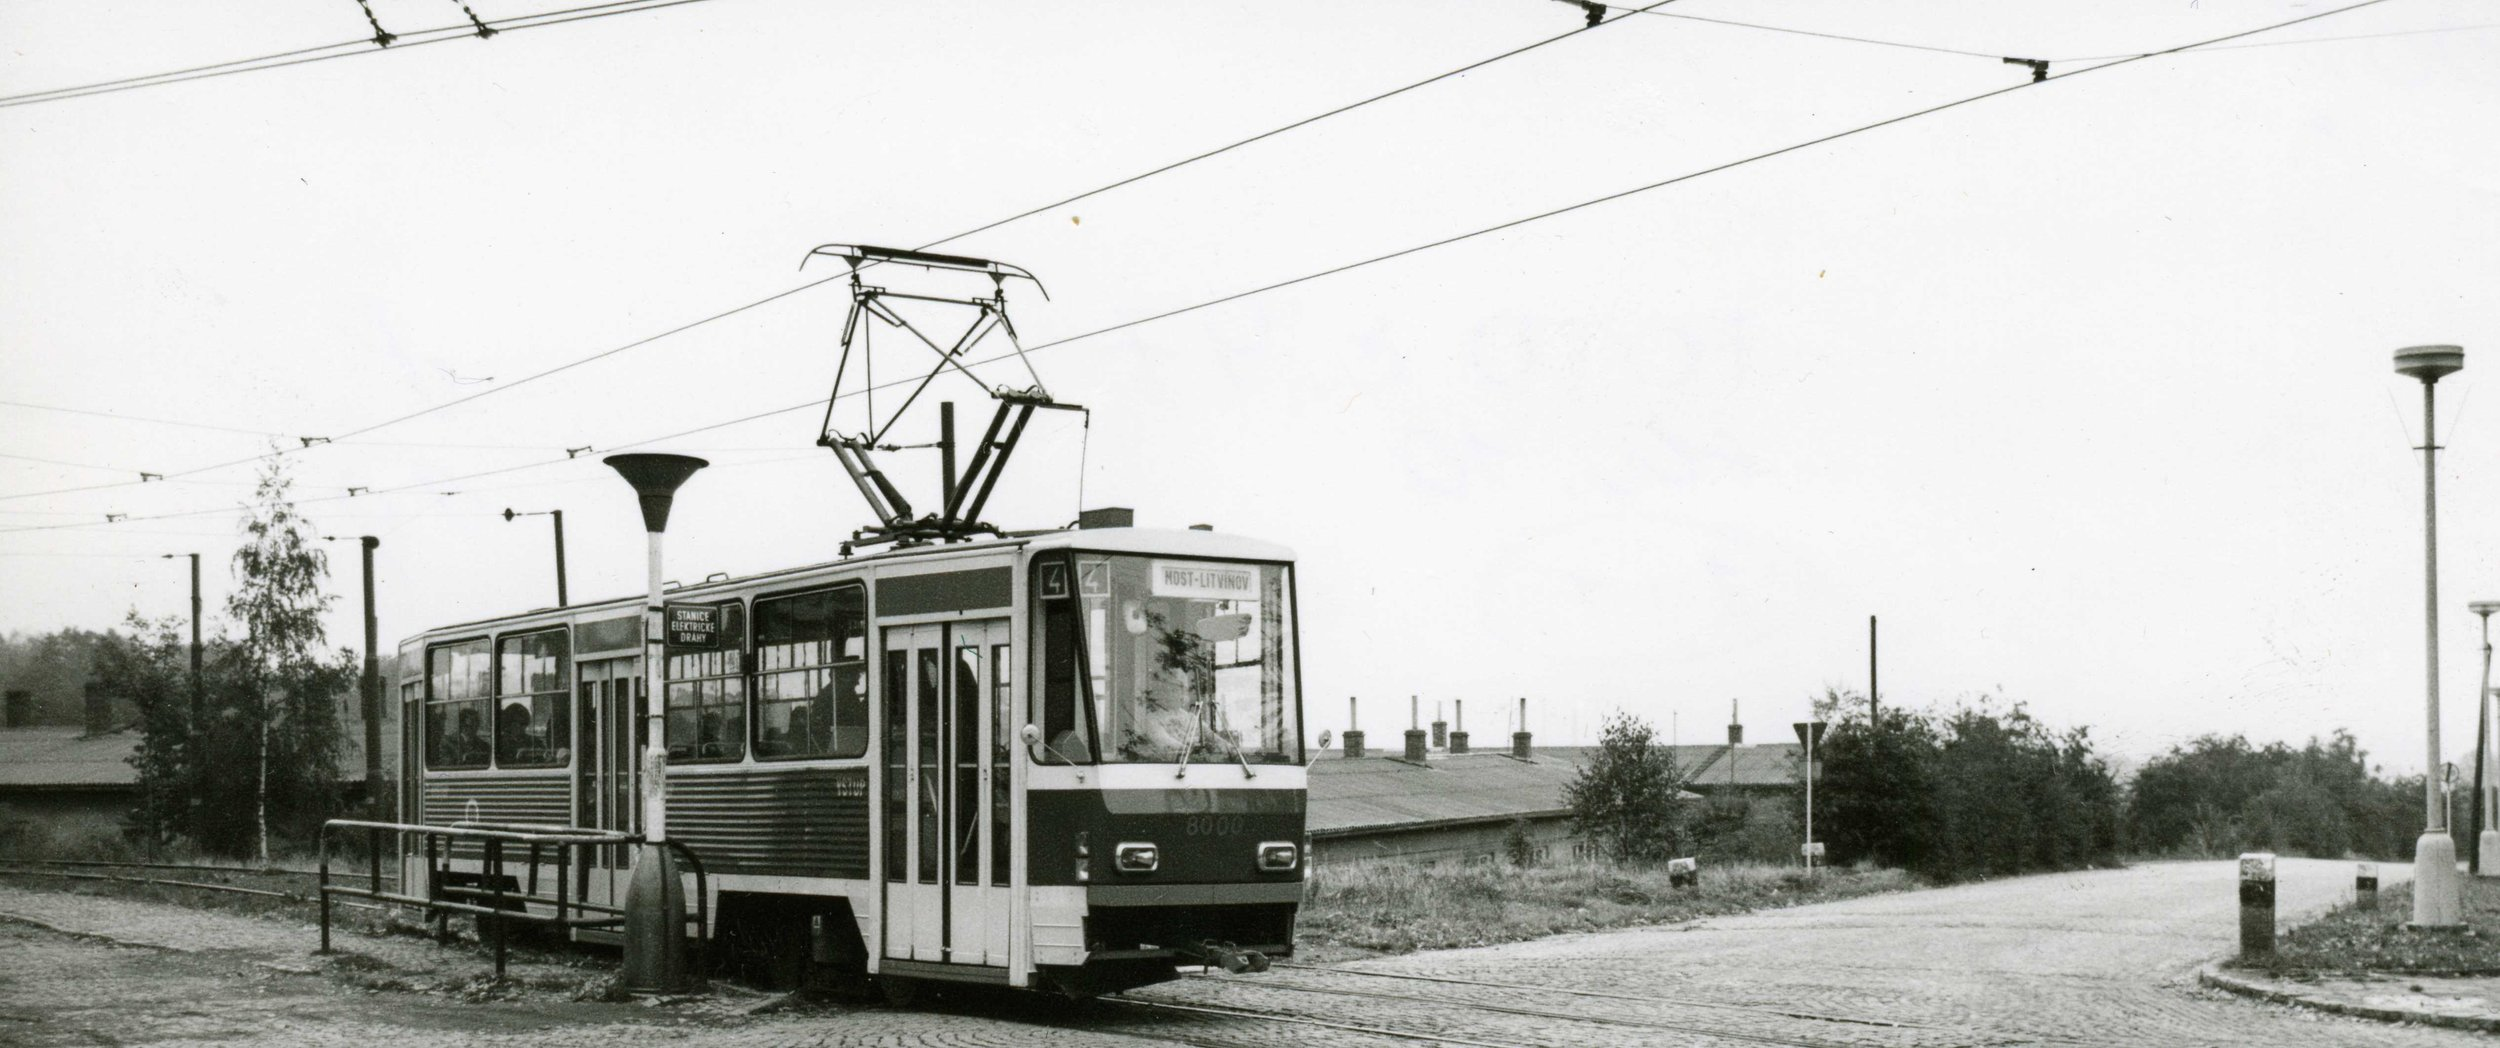 Tramvaje T5A5 (původně značená jen jako T5) byla v říjnu 1974 předána do DP měst Mostu a Litvínova. Právě v jeho službách byla tramvaj vyfotografována. (sbírka: Libor Hinčica)